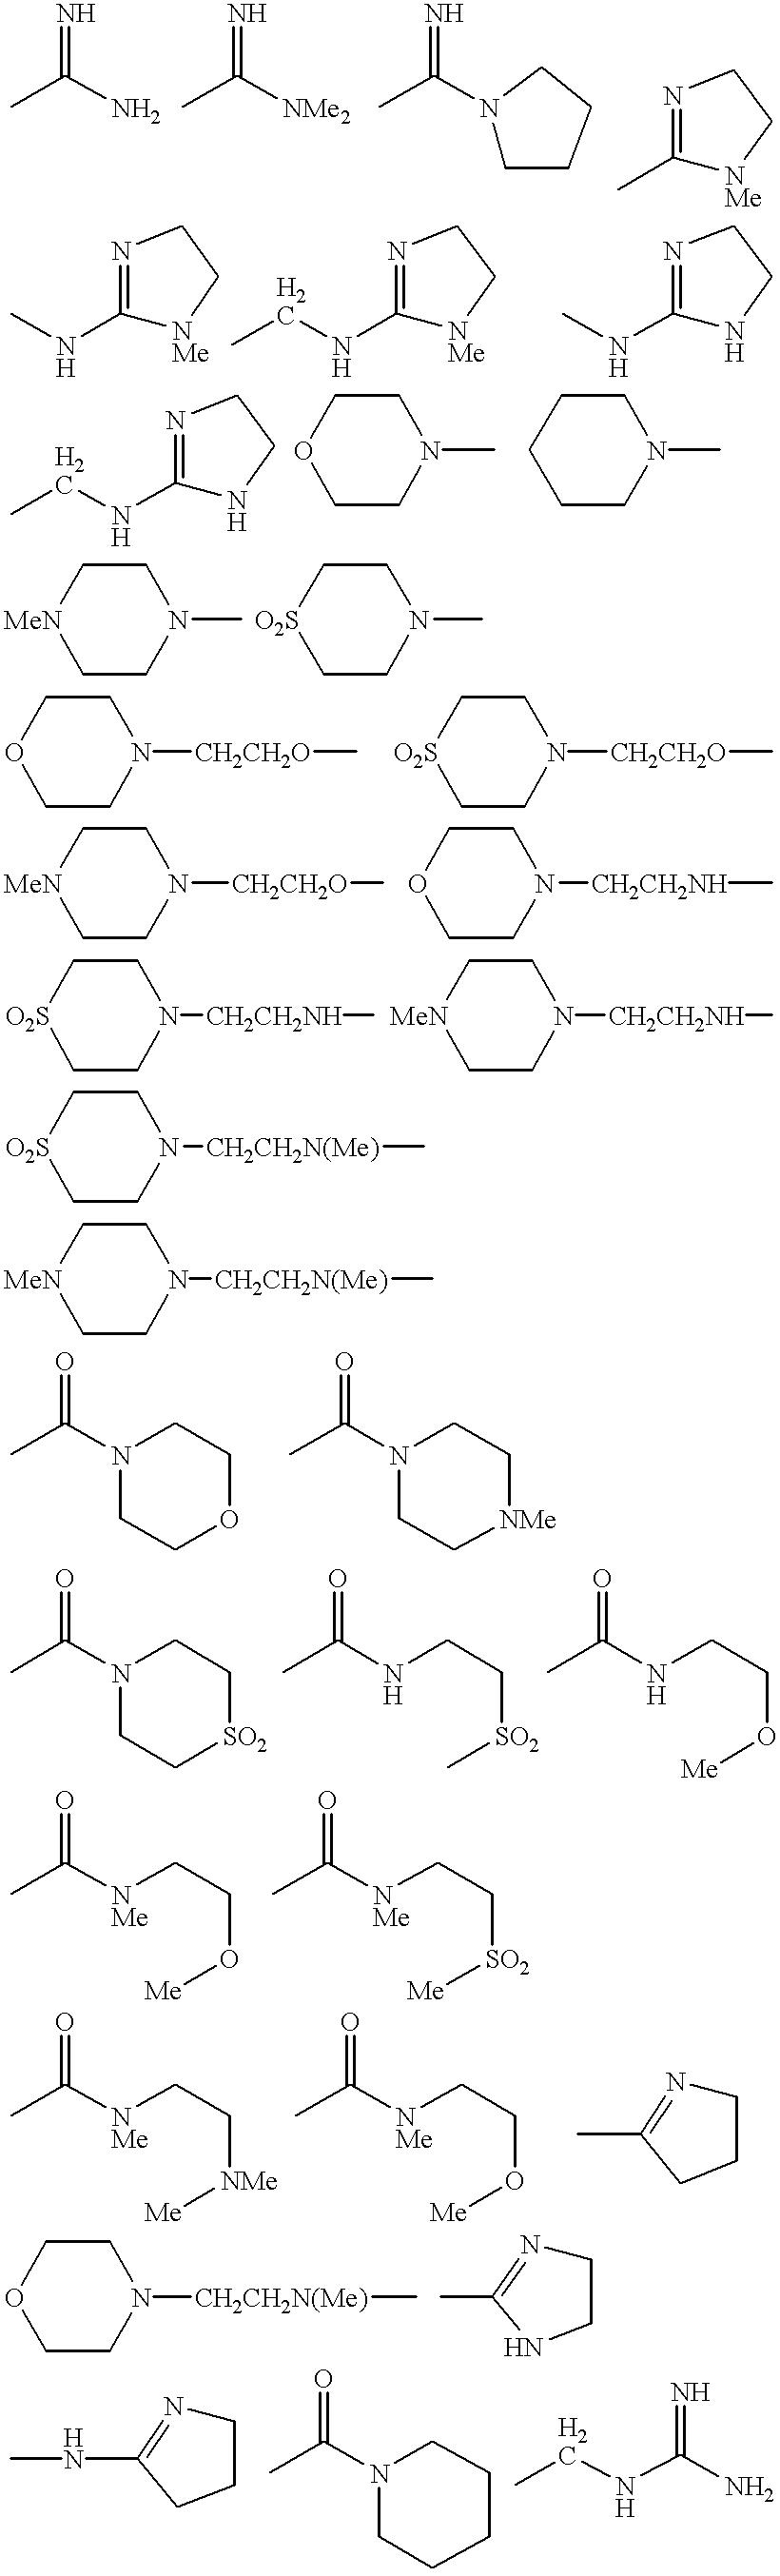 Figure US06376515-20020423-C00007